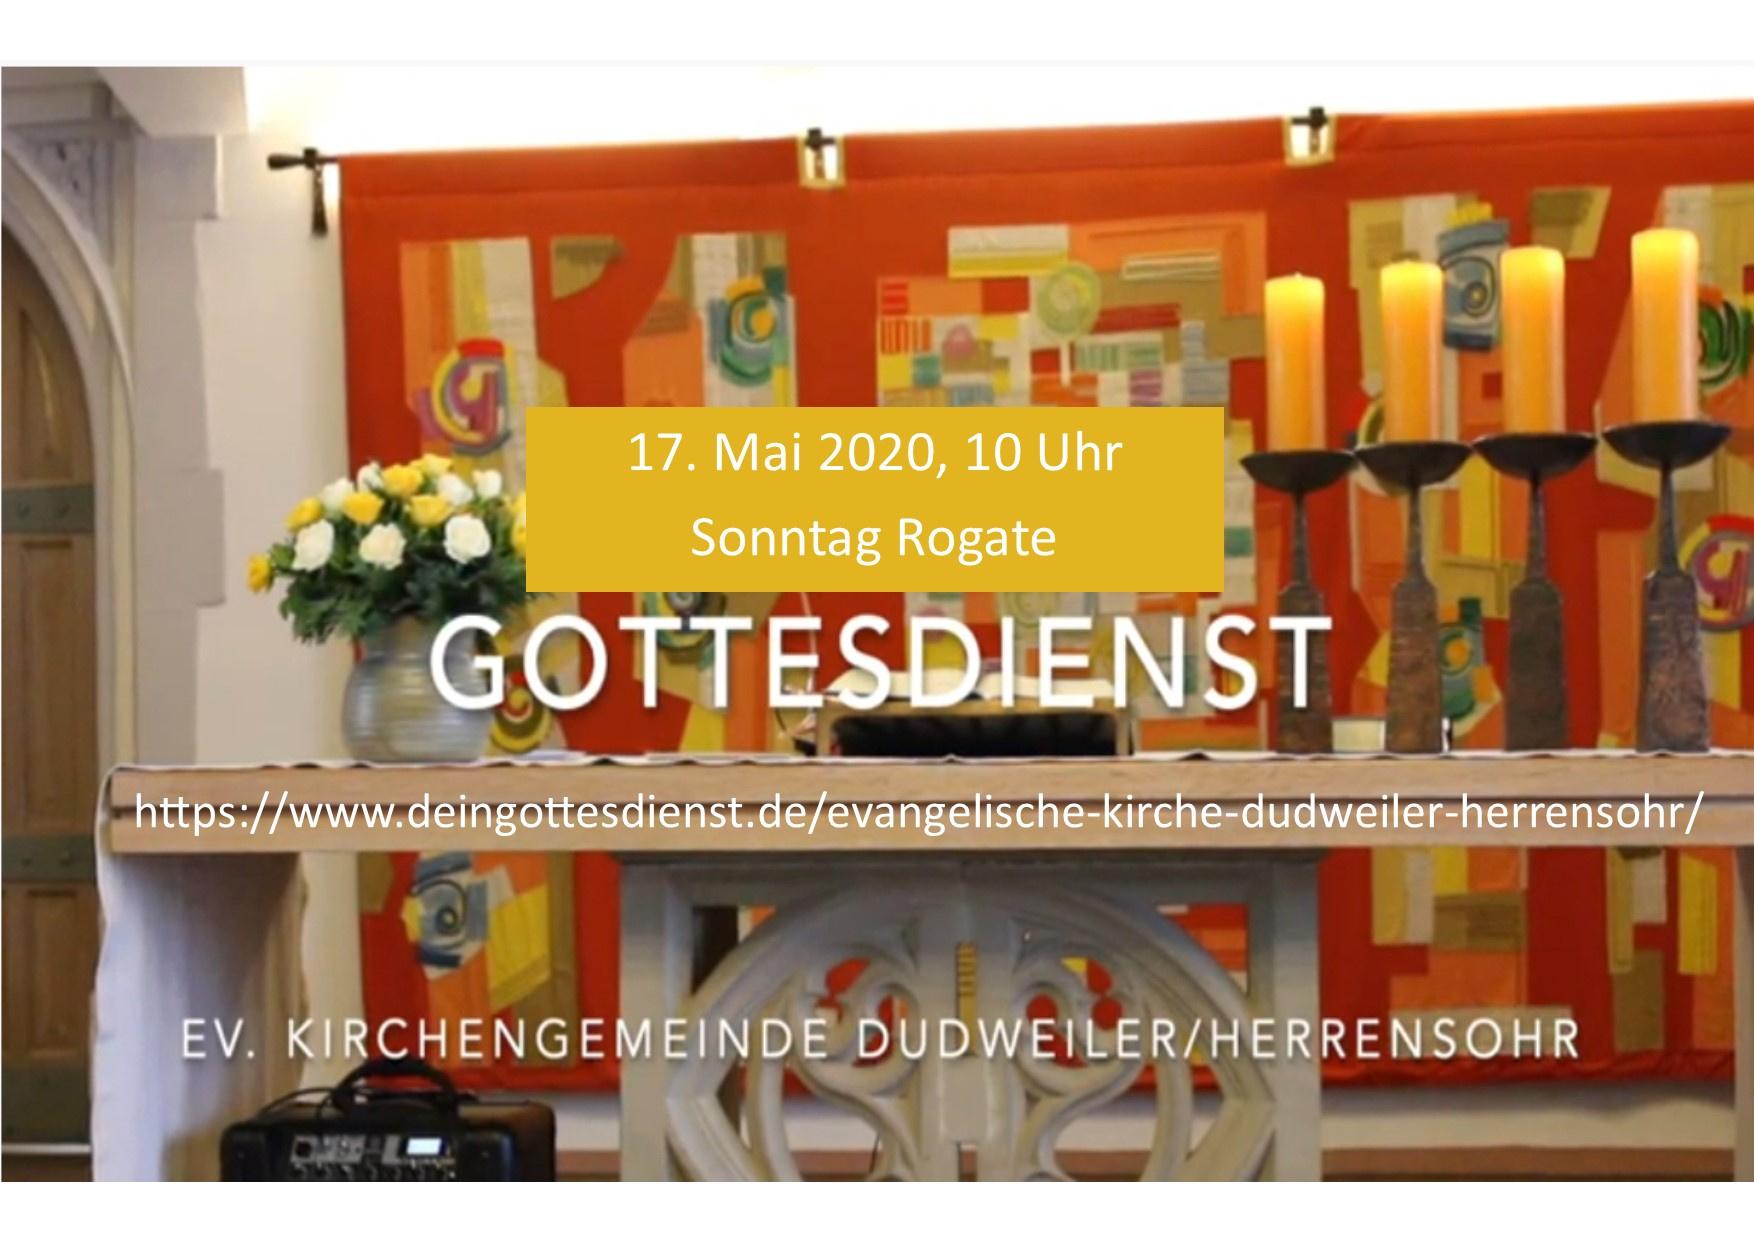 Online-Gottesdienst am Sonntag, 17. Mai, aus der Kreuzkirche Herrensohr